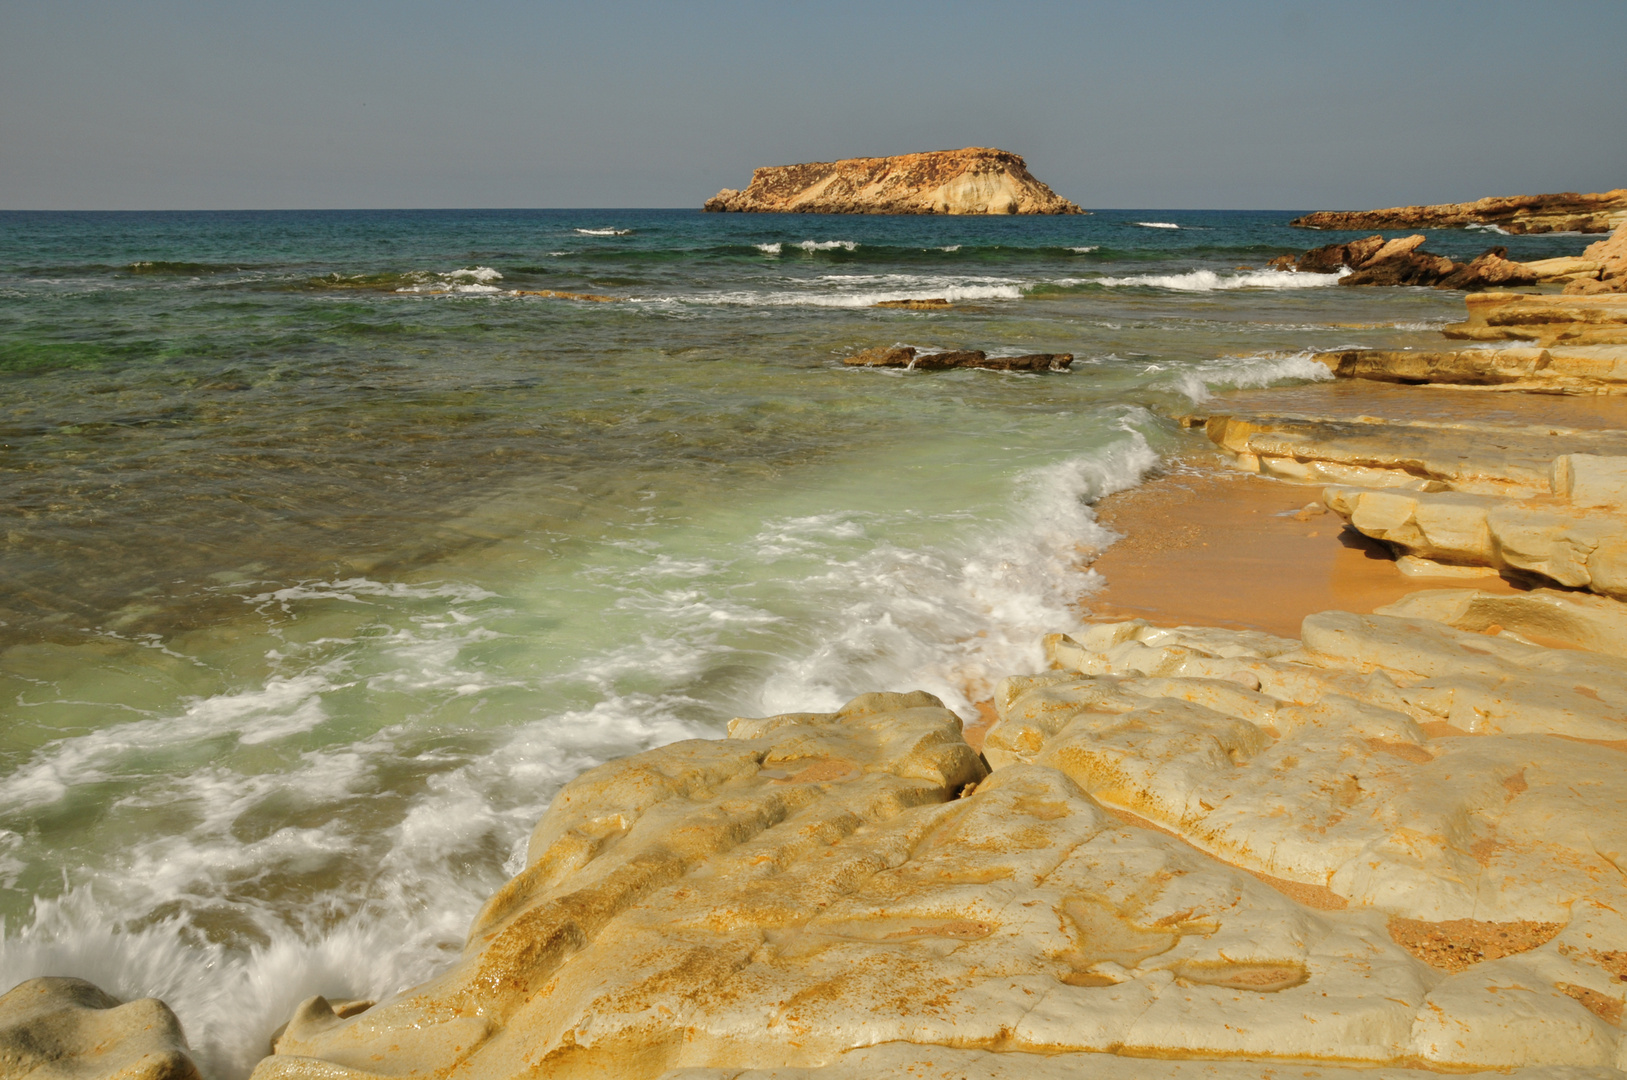 Beach in Agios Georgios